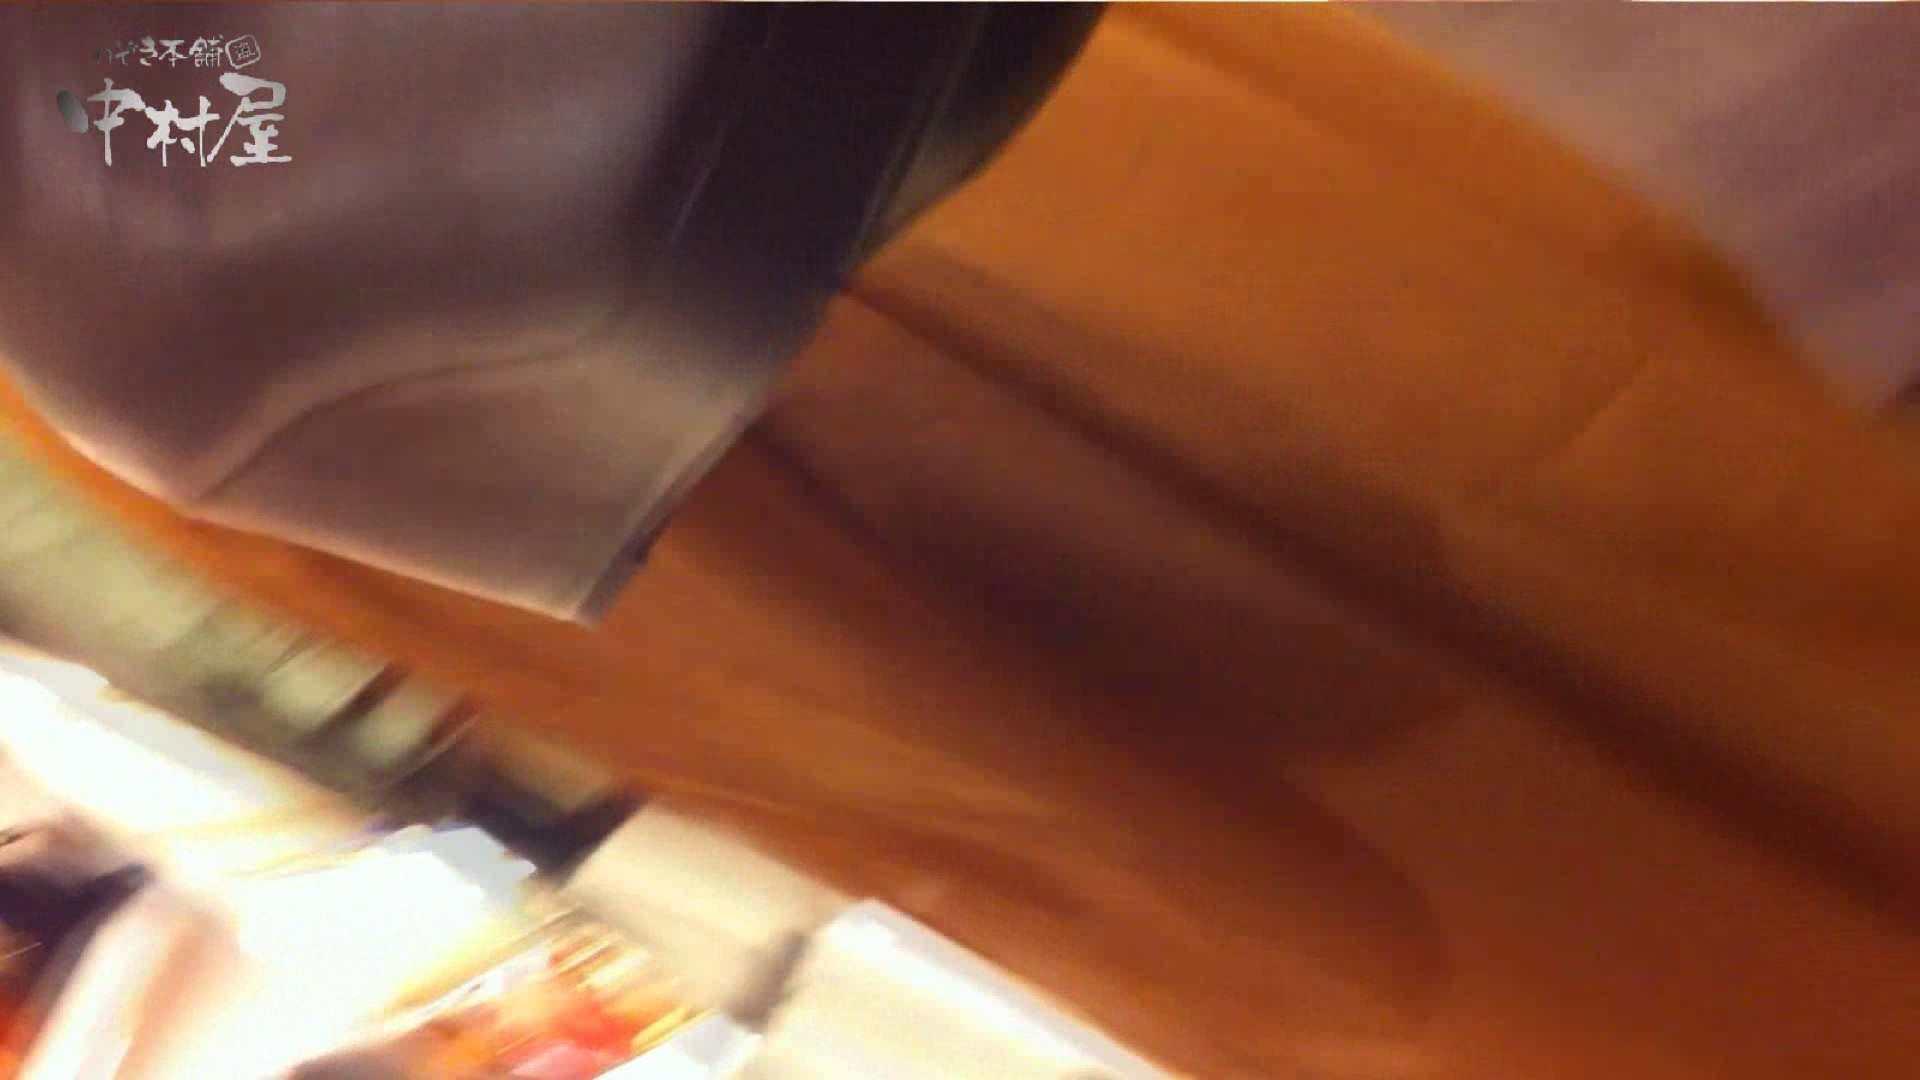 vol.84 美人アパレル胸チラ&パンチラ 帽子オネェさんに胸元アタック! 接写  89pic 40